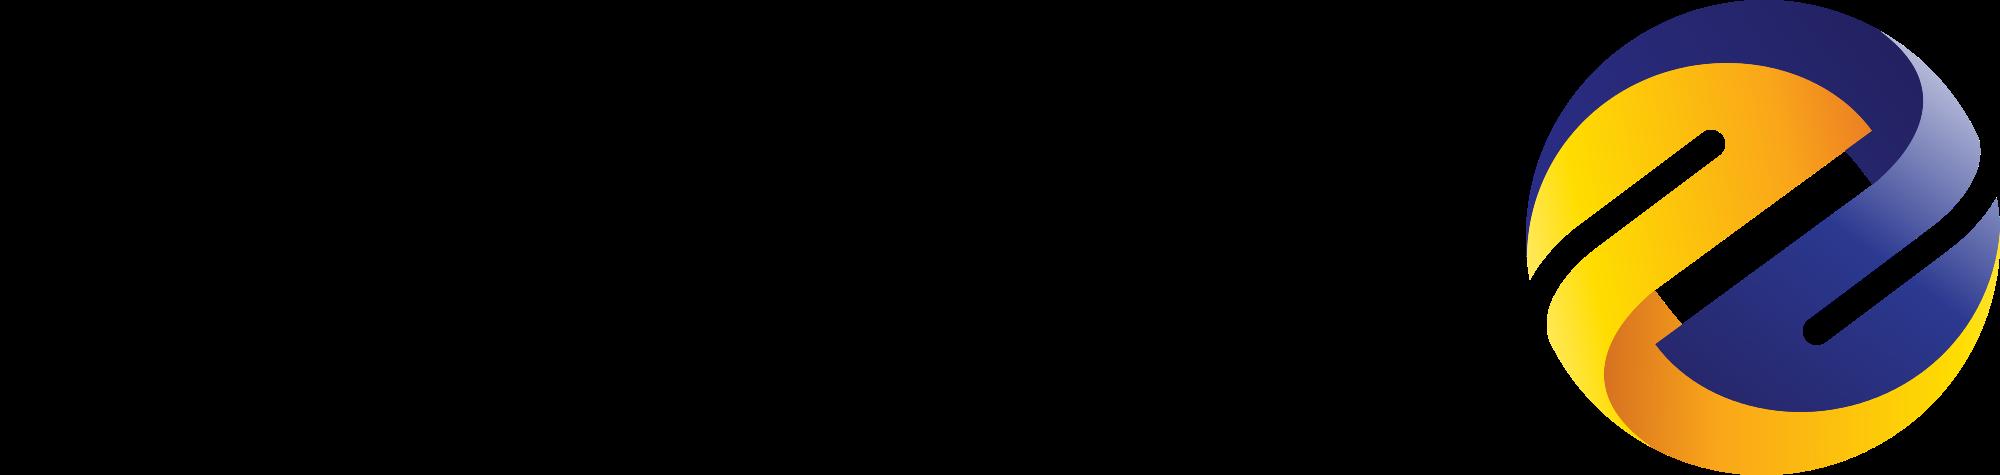 eniro